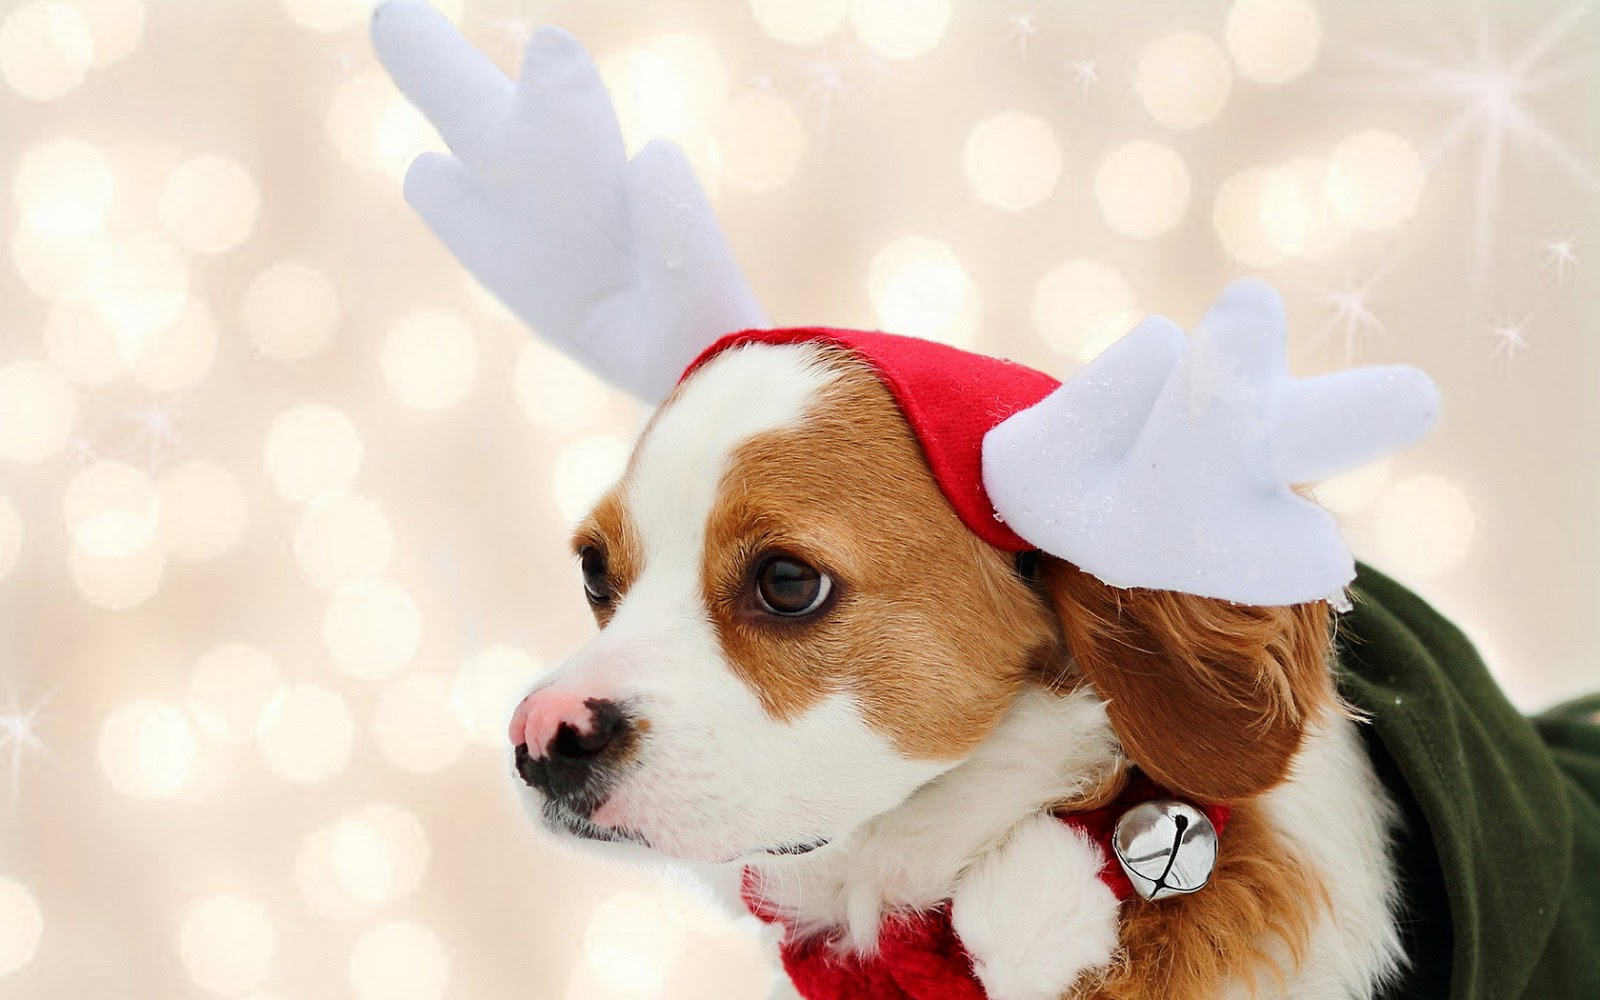 Fondos de pantalla navideños gratis descargar.